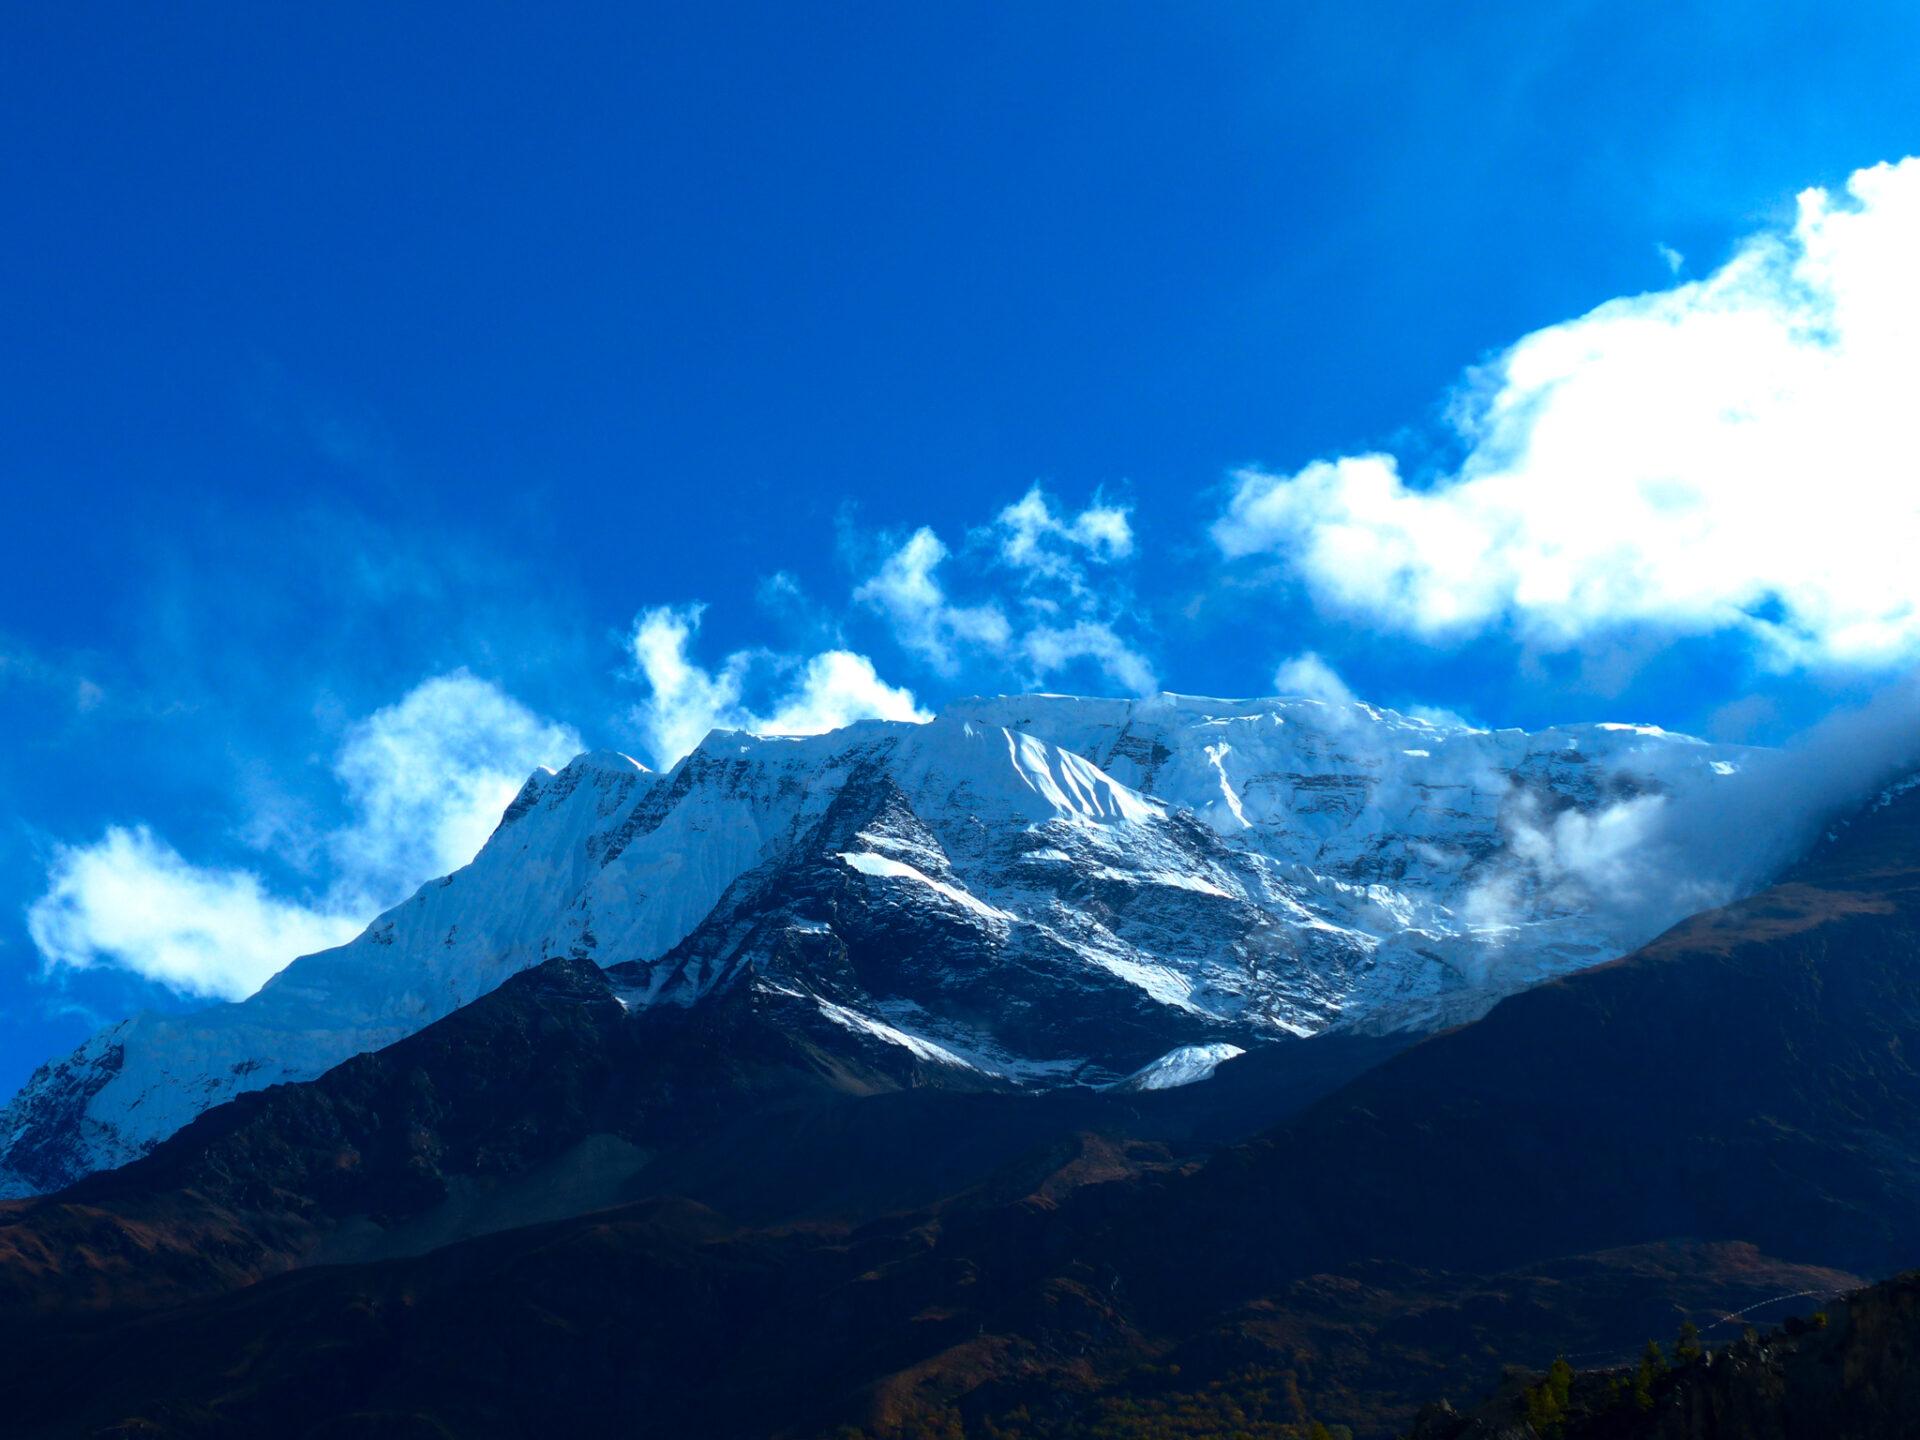 Les sommets de l'Annapurna enneigés